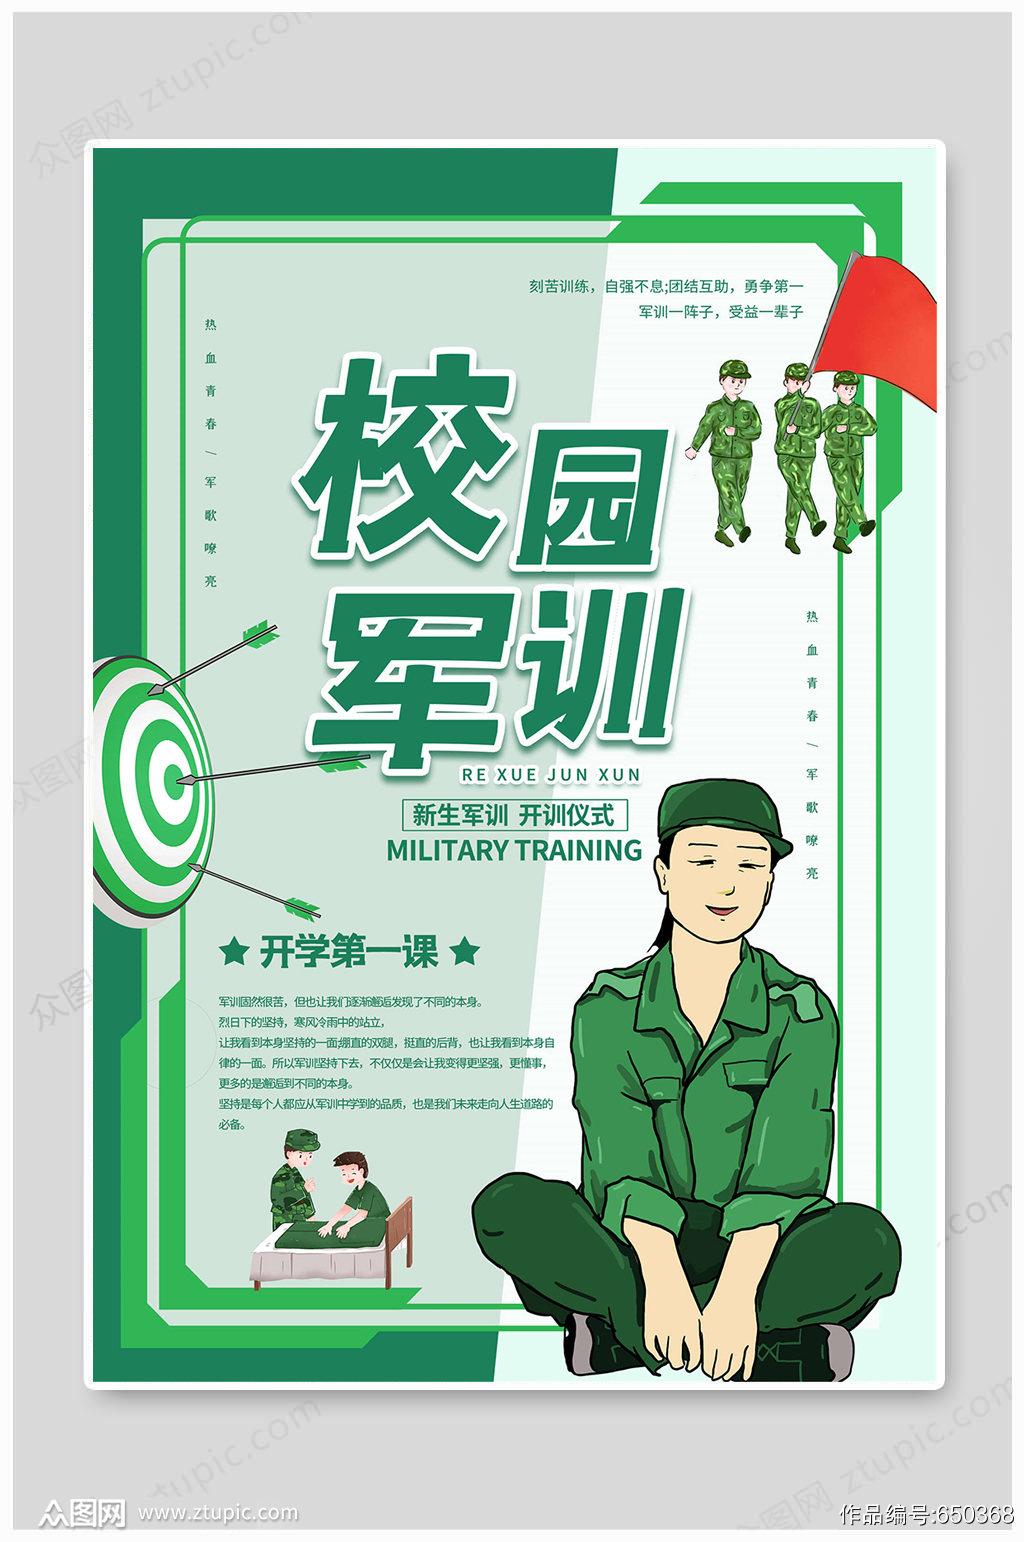 军训海报绿色校园军训部队展板psd素材素材